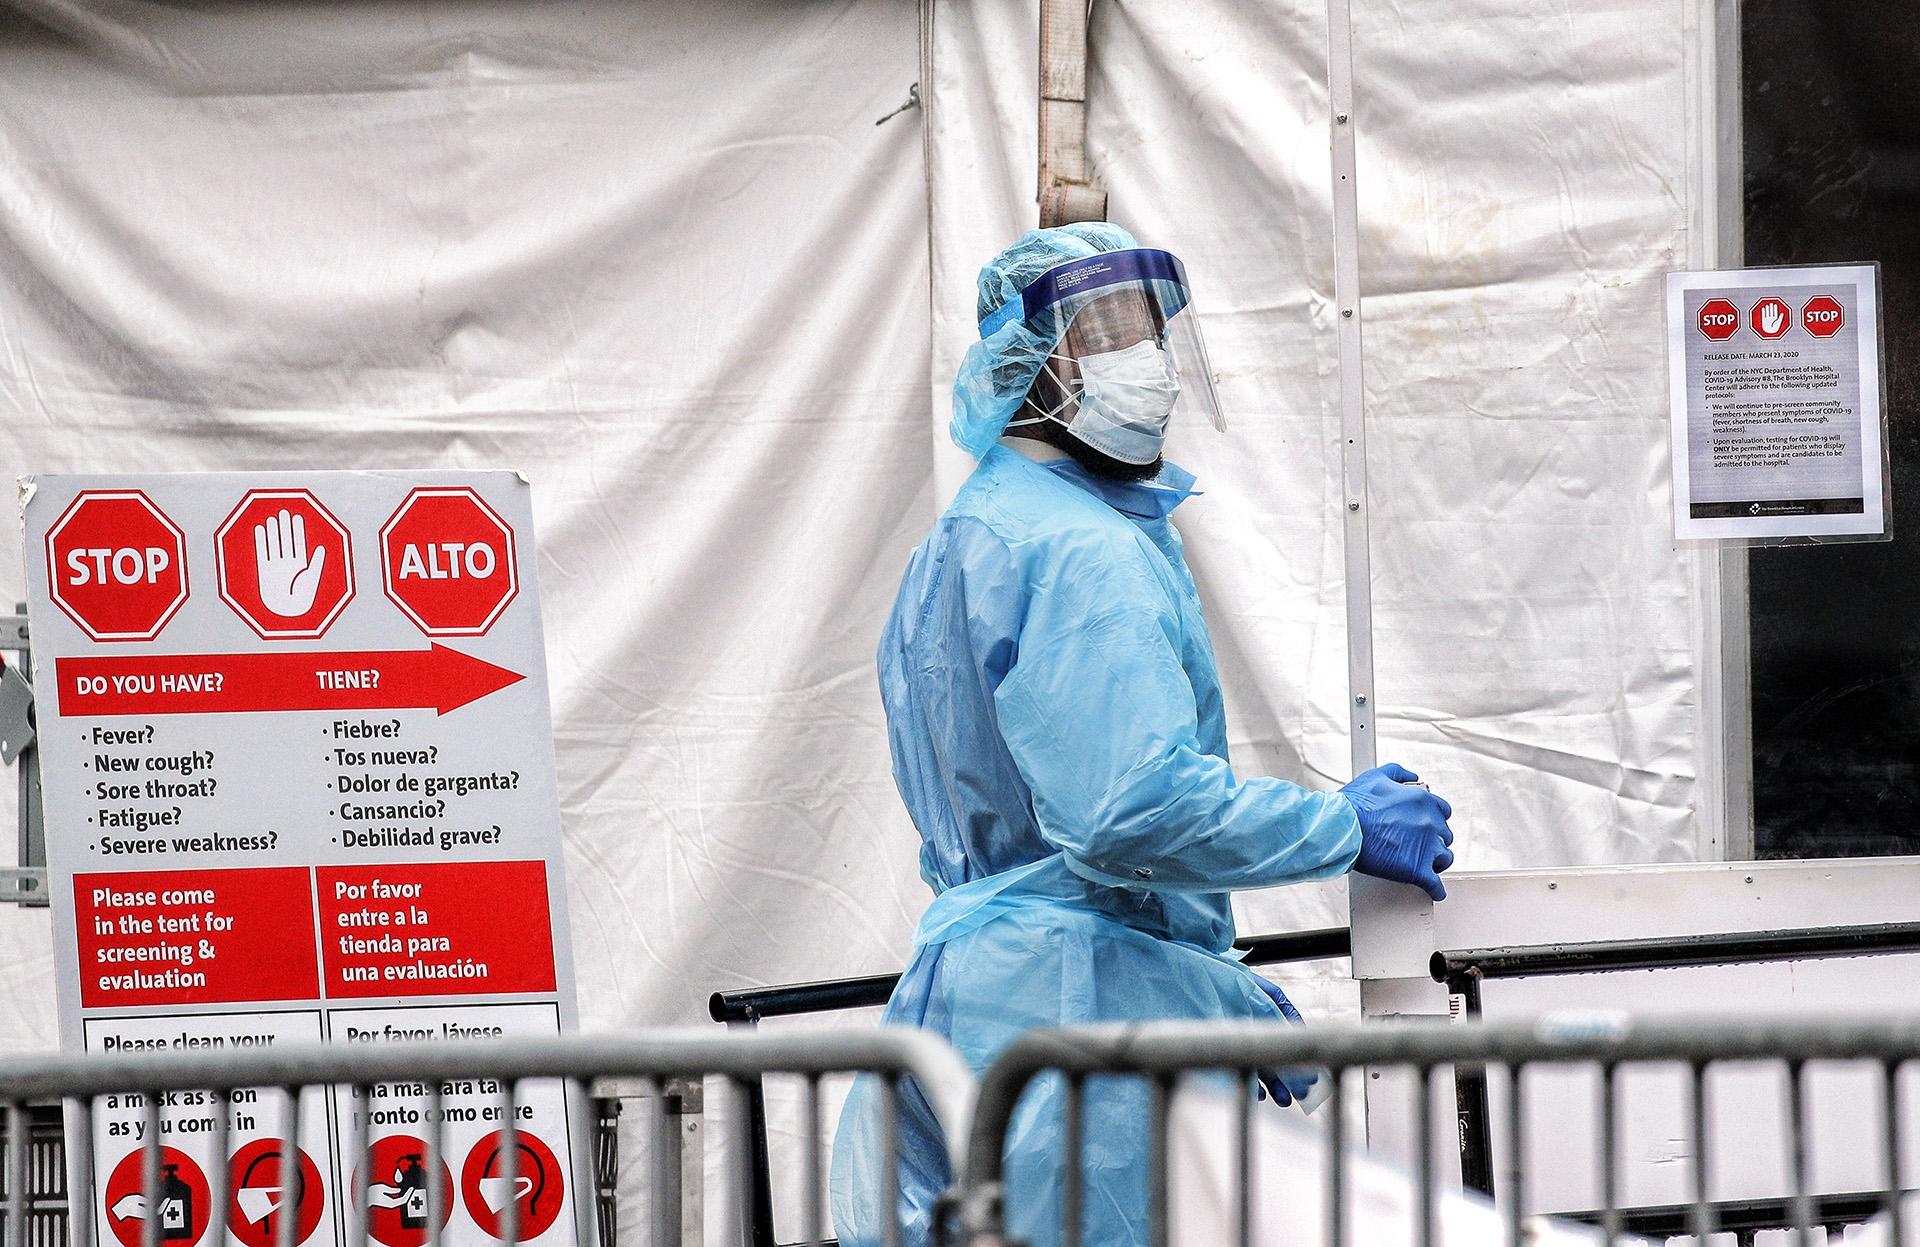 Hospitais inflam número de mortes por Covid-19, diz diretor do Controle de Doenças dos EUA